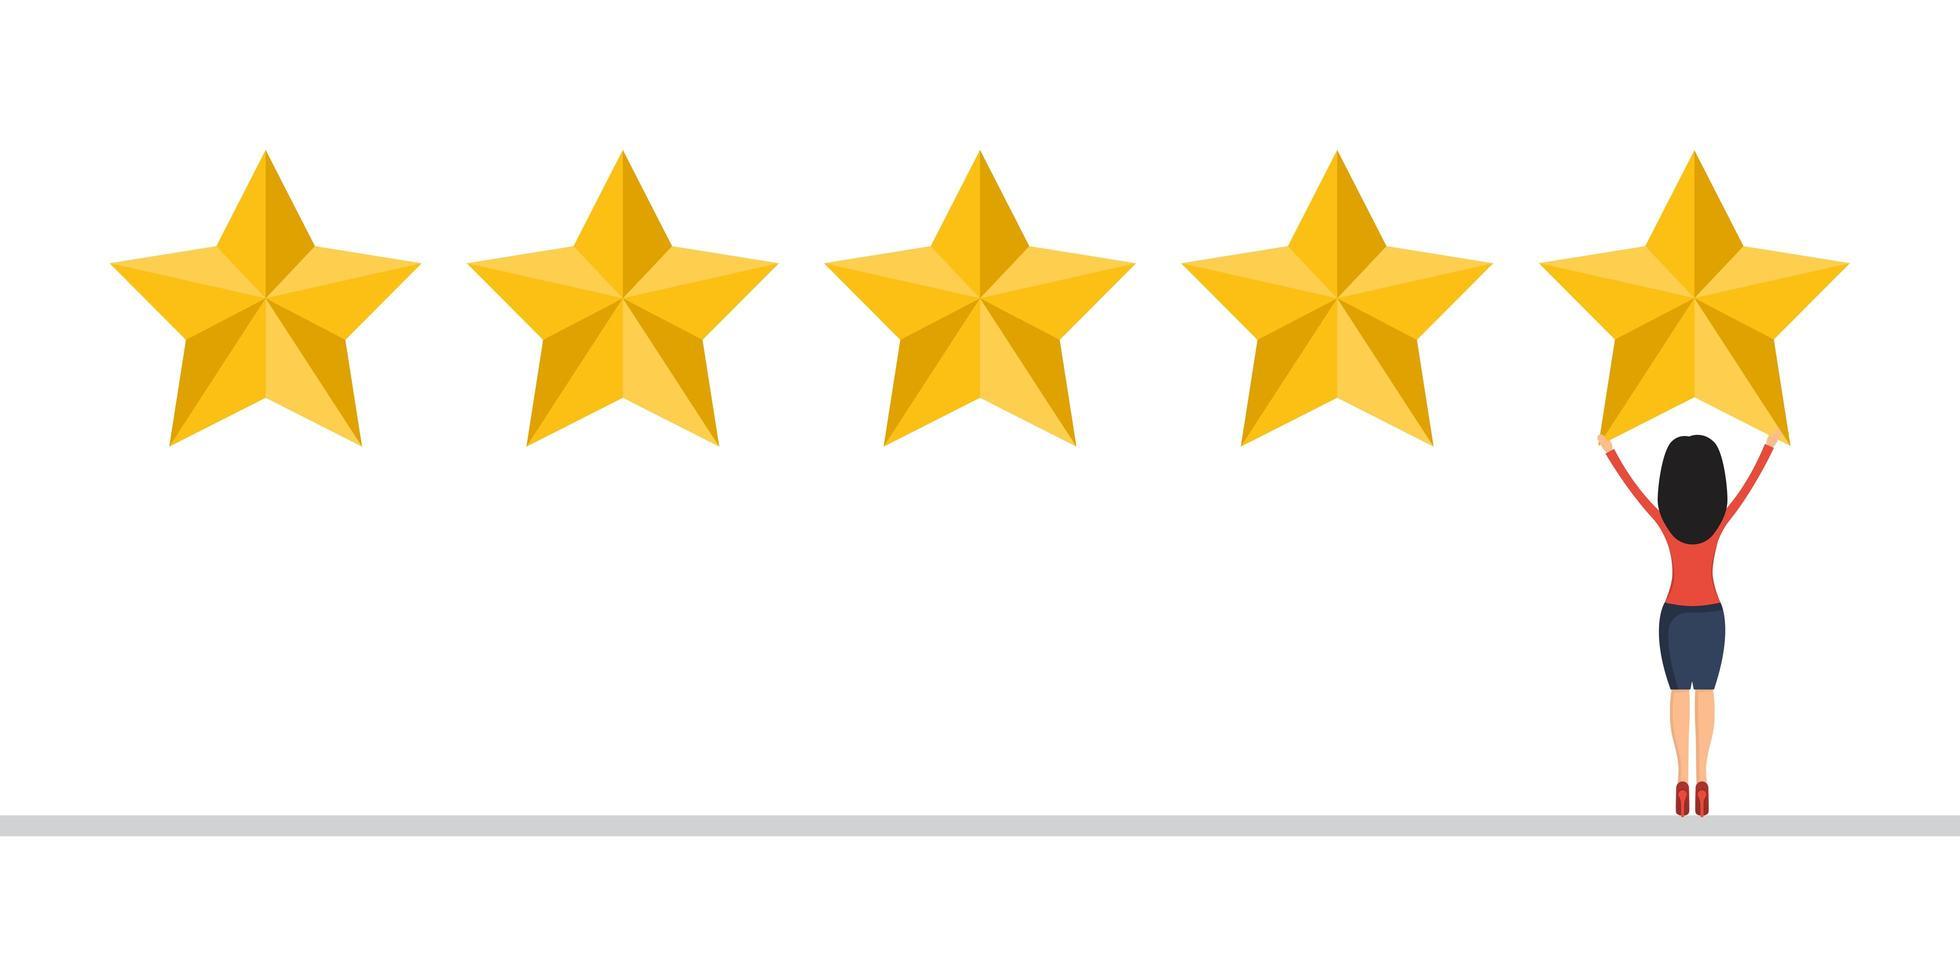 empresária dá uma avaliação de 5 estrelas. vetor